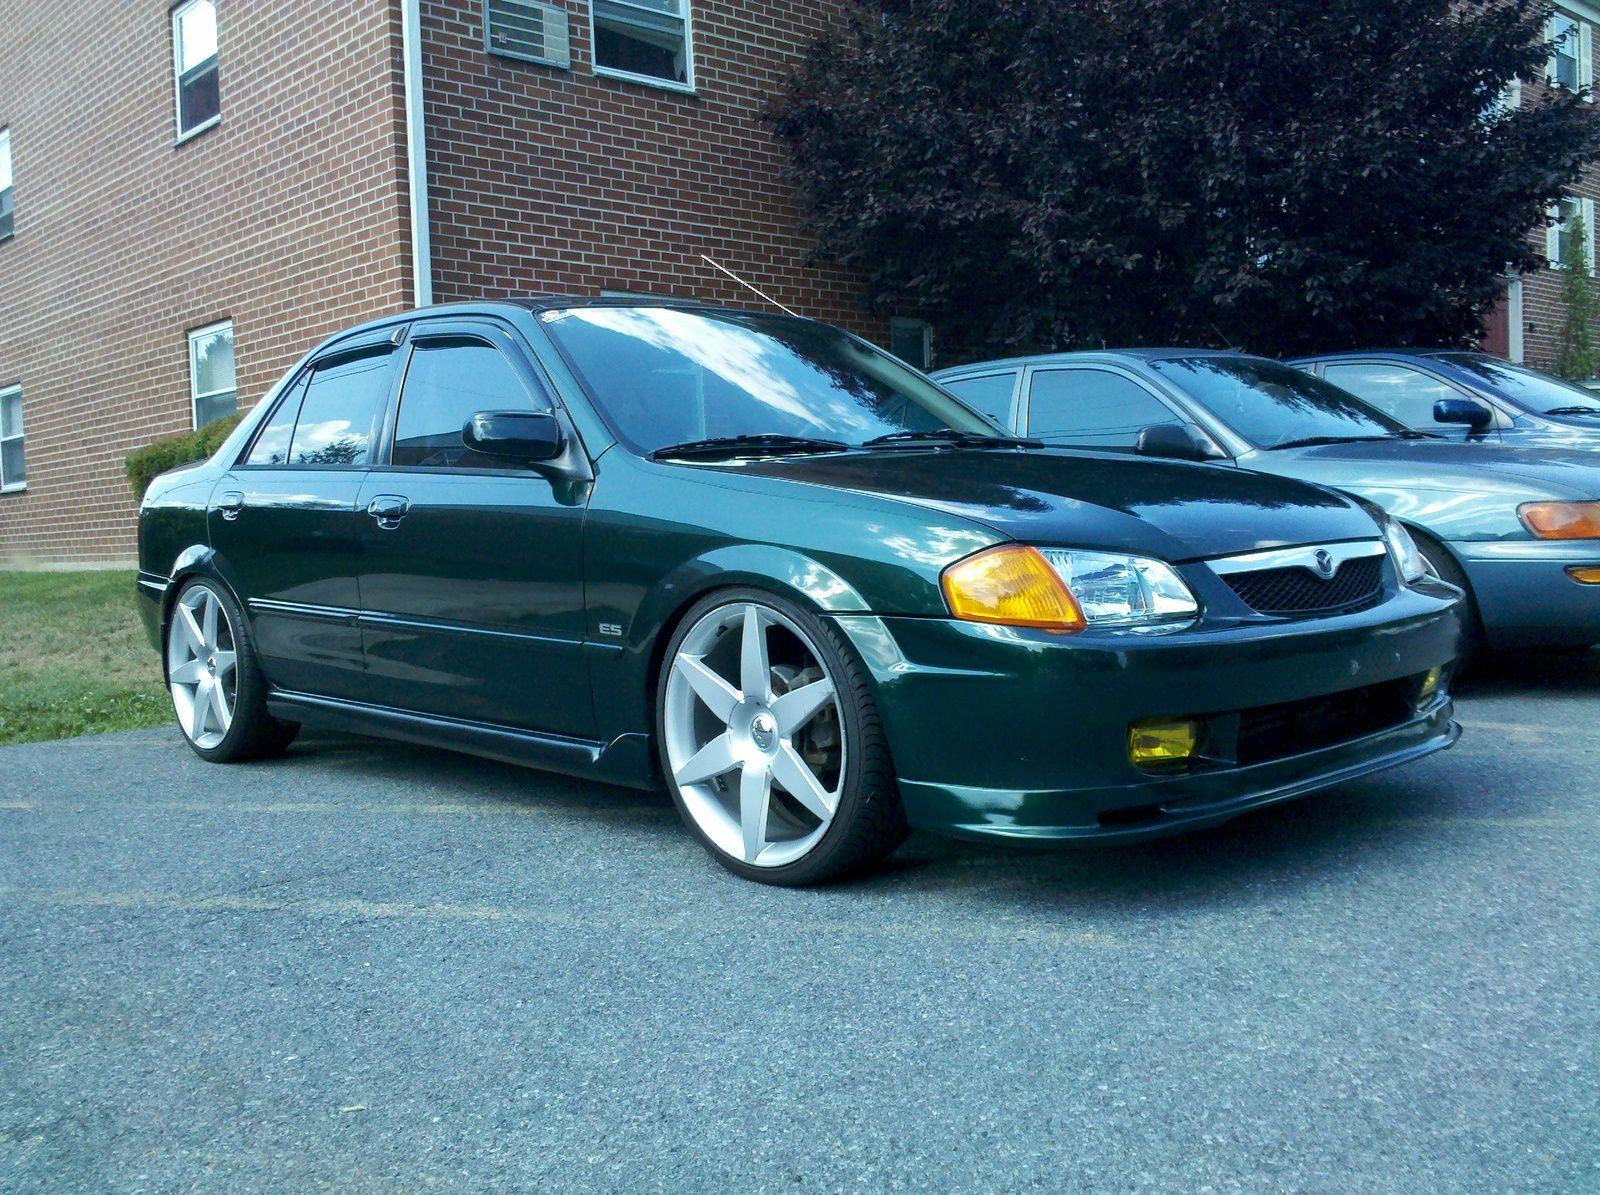 Kelebihan Kekurangan Mazda 1999 Perbandingan Harga